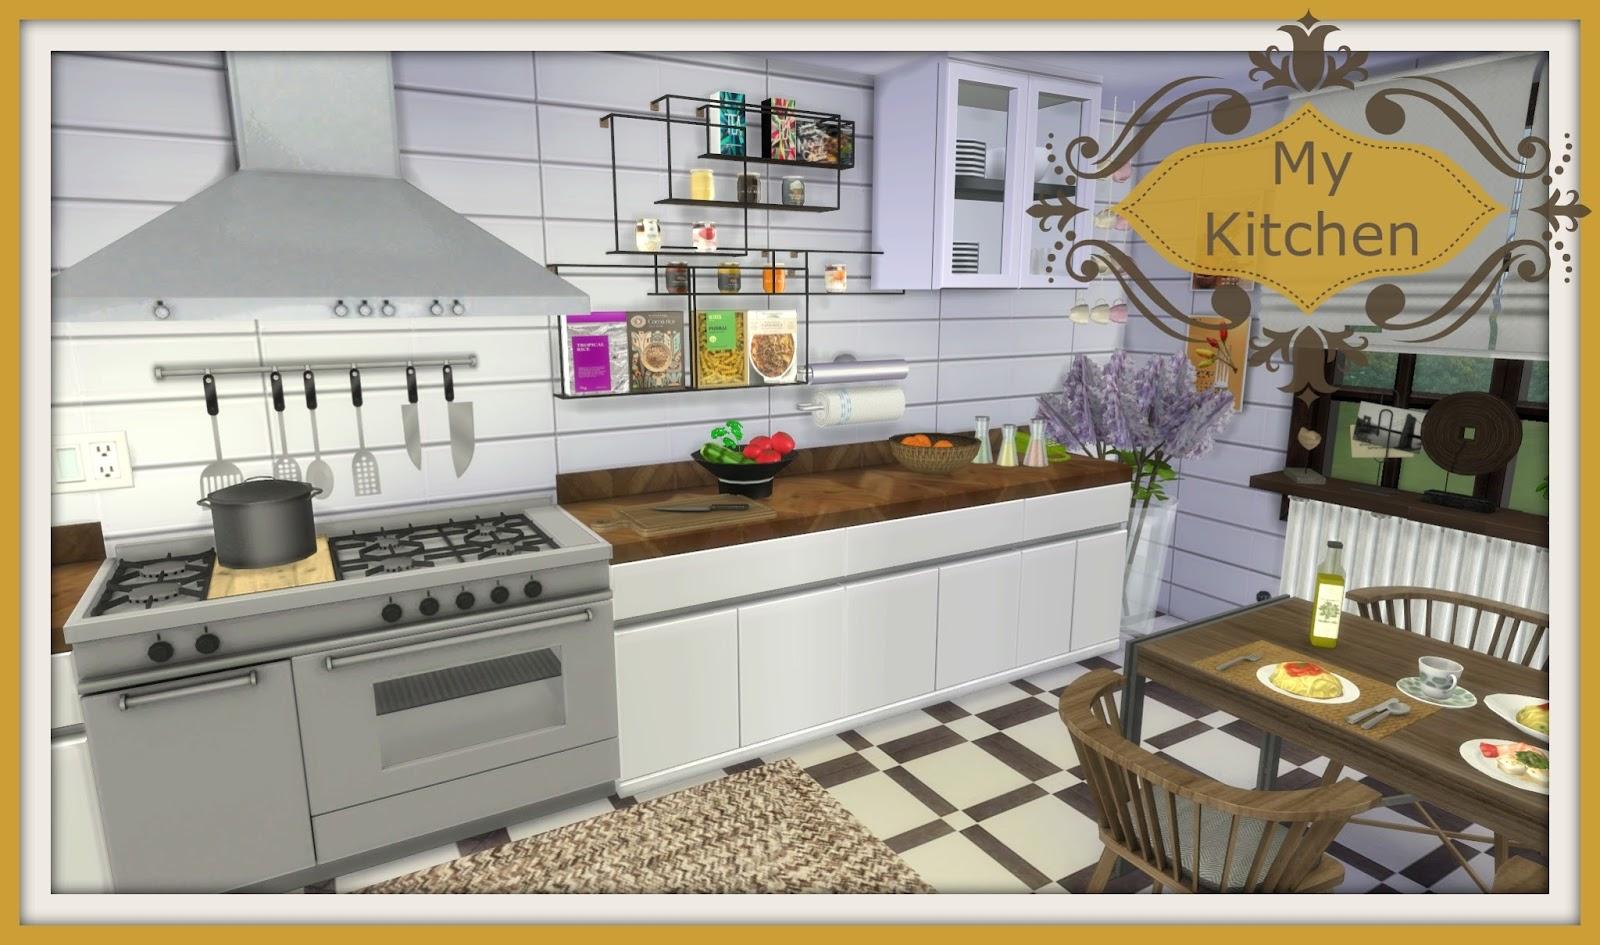 Sims 4 - My Kitchen - Dinha